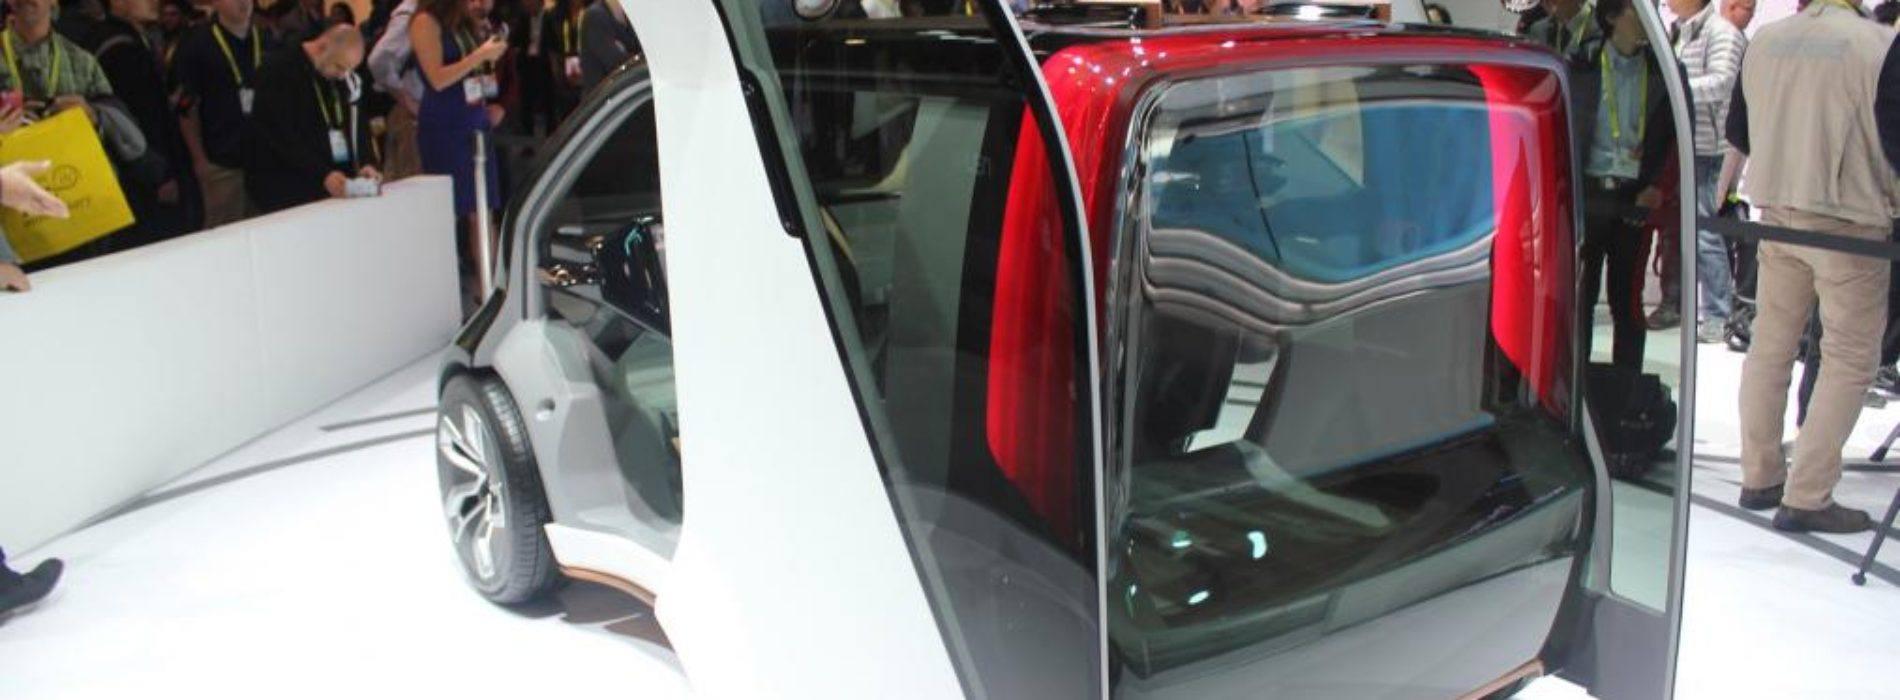 El primer automóvil autónomo y eléctrico de Honda